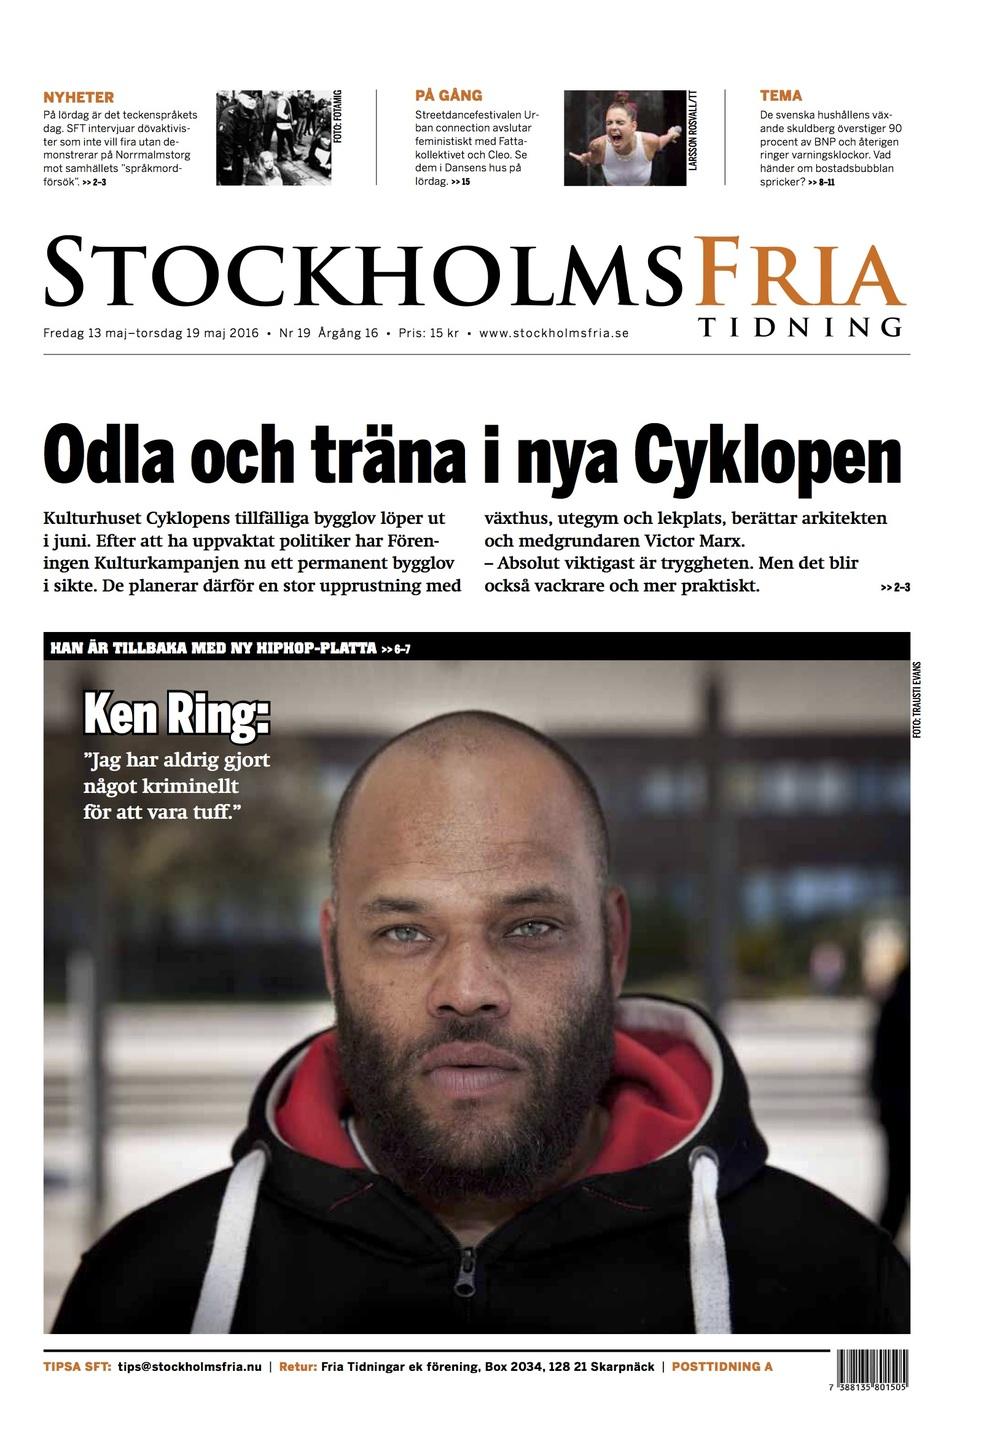 Stockholms fria första sida - Ken Ring.jpg